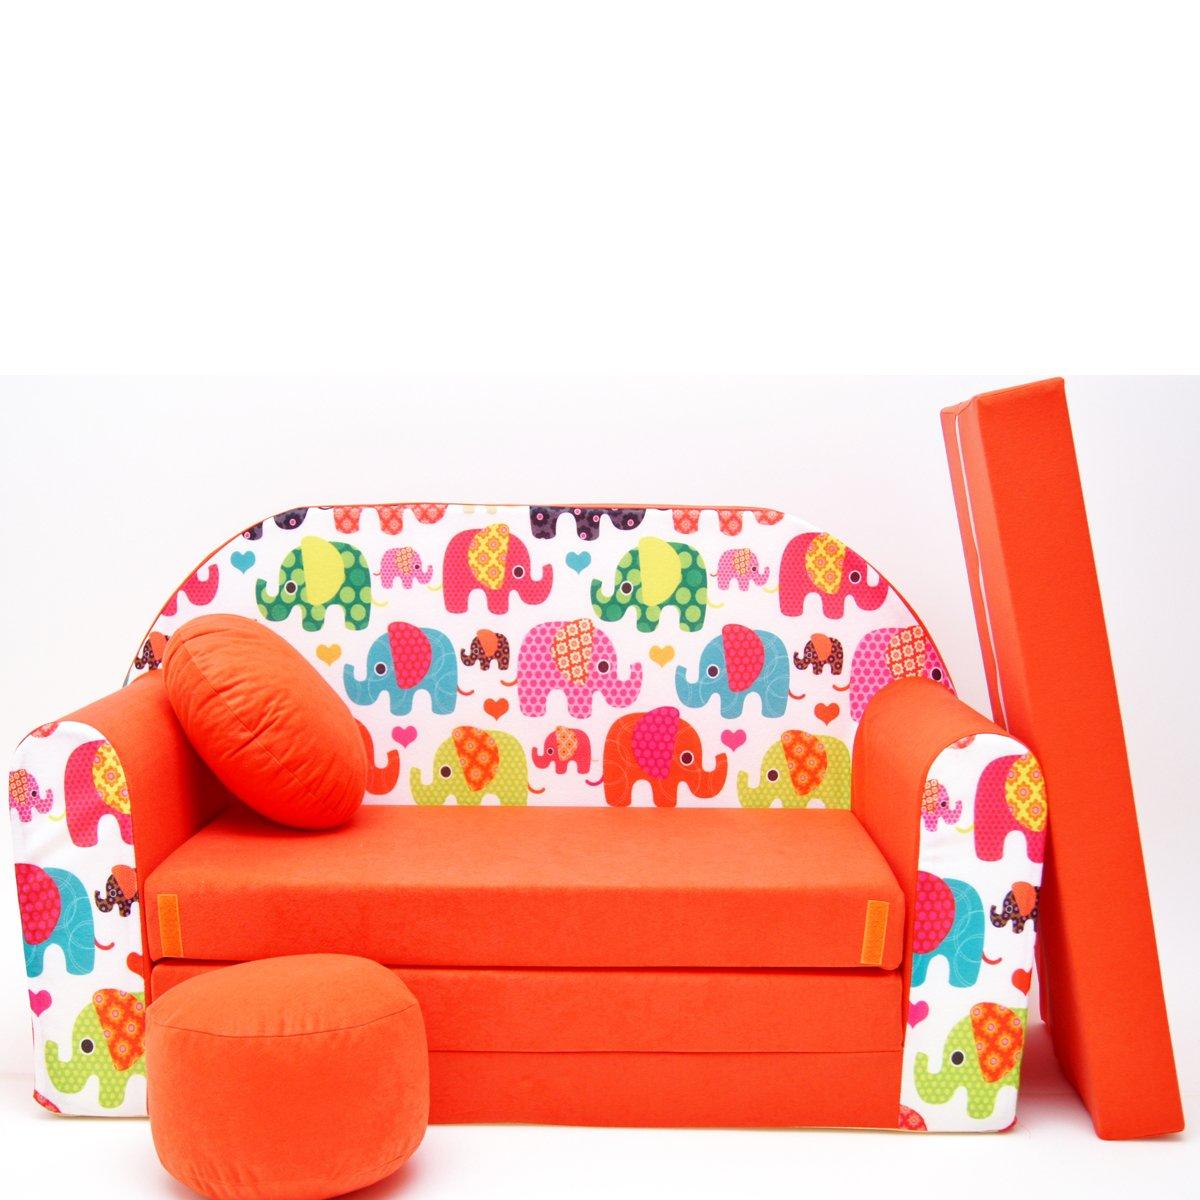 Kindersofa Spielsofa Minicouch aus Schaum Kindersessel Kissen Matratze Farbwahl 10